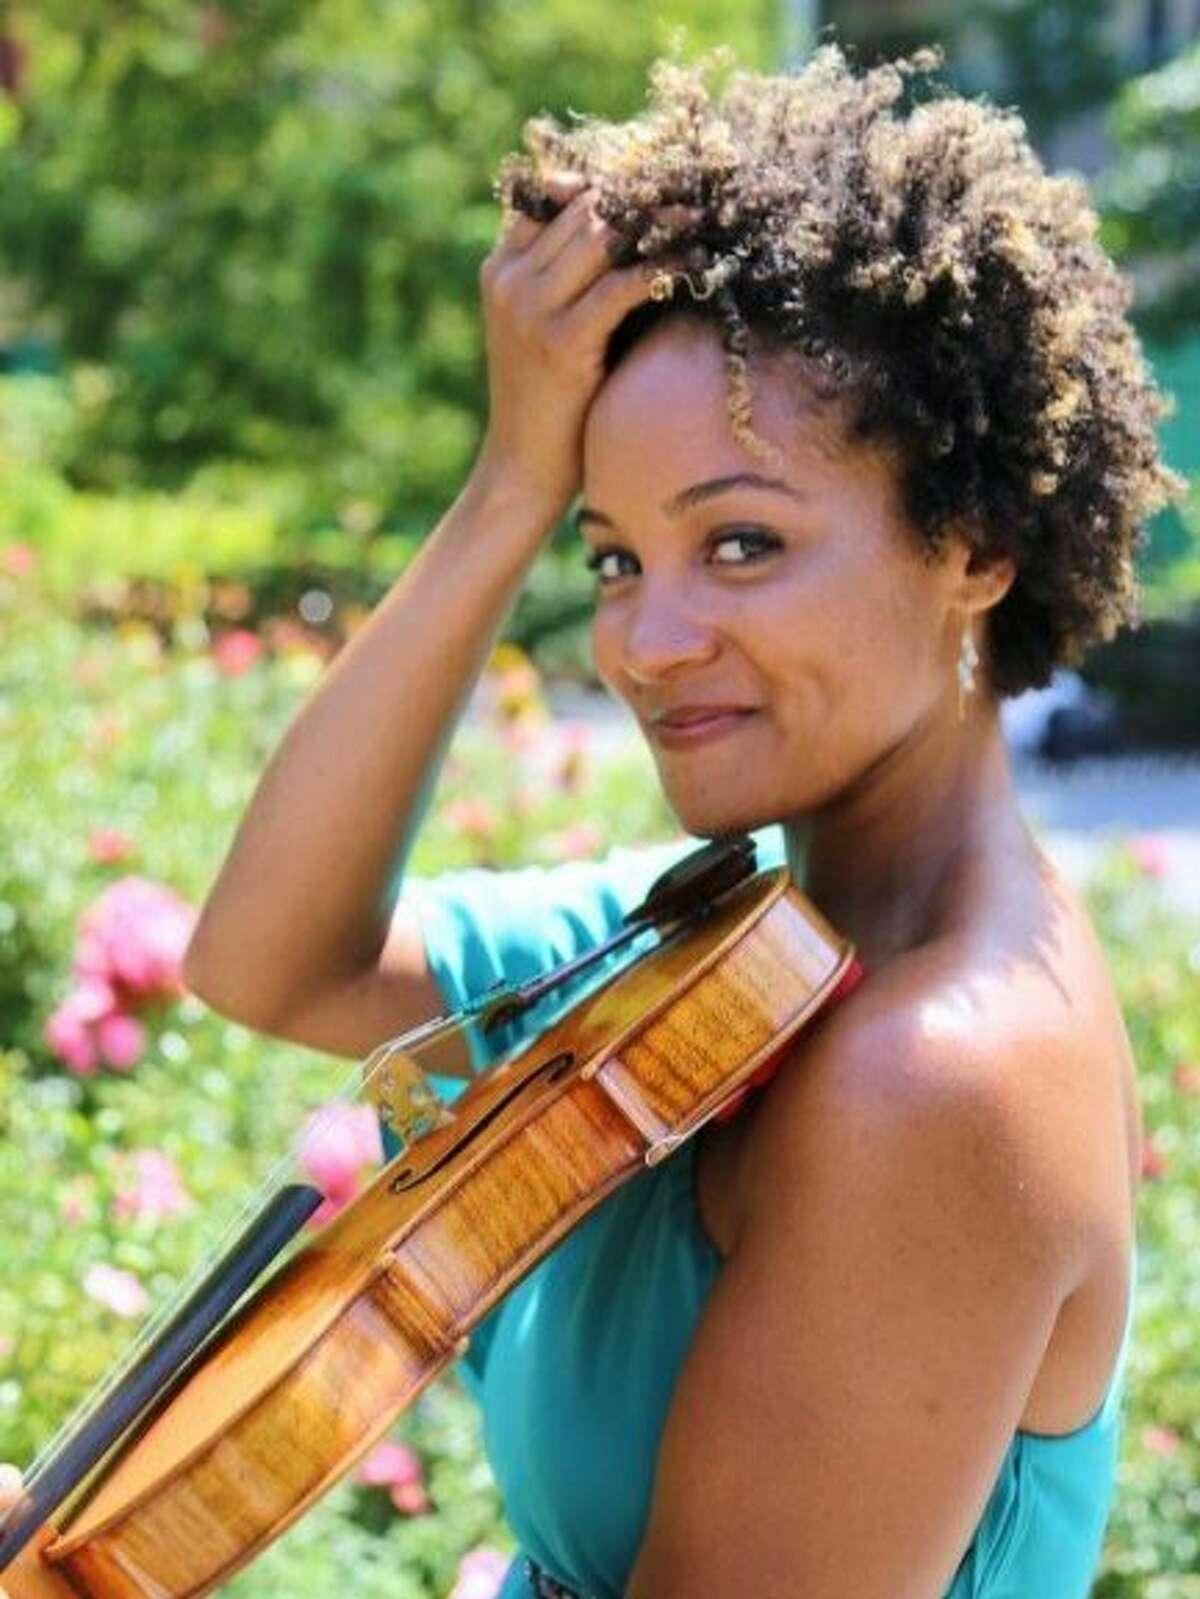 Violinist Melissa White